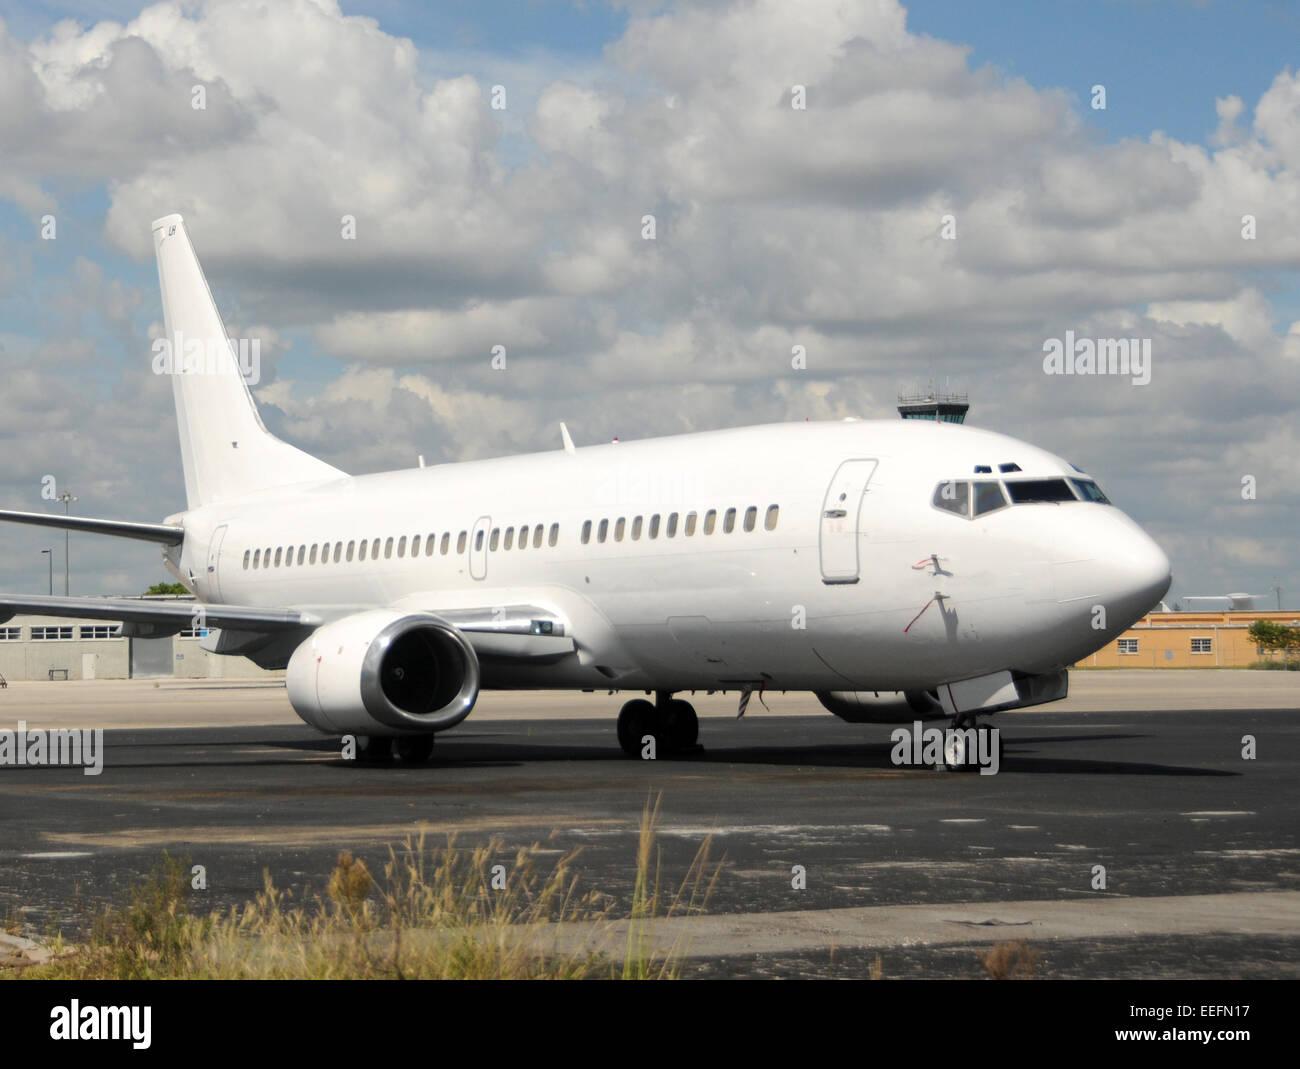 Moderni jet del passeggero aereo senza contrassegno in vernice bianca Boeing 737 Immagini Stock